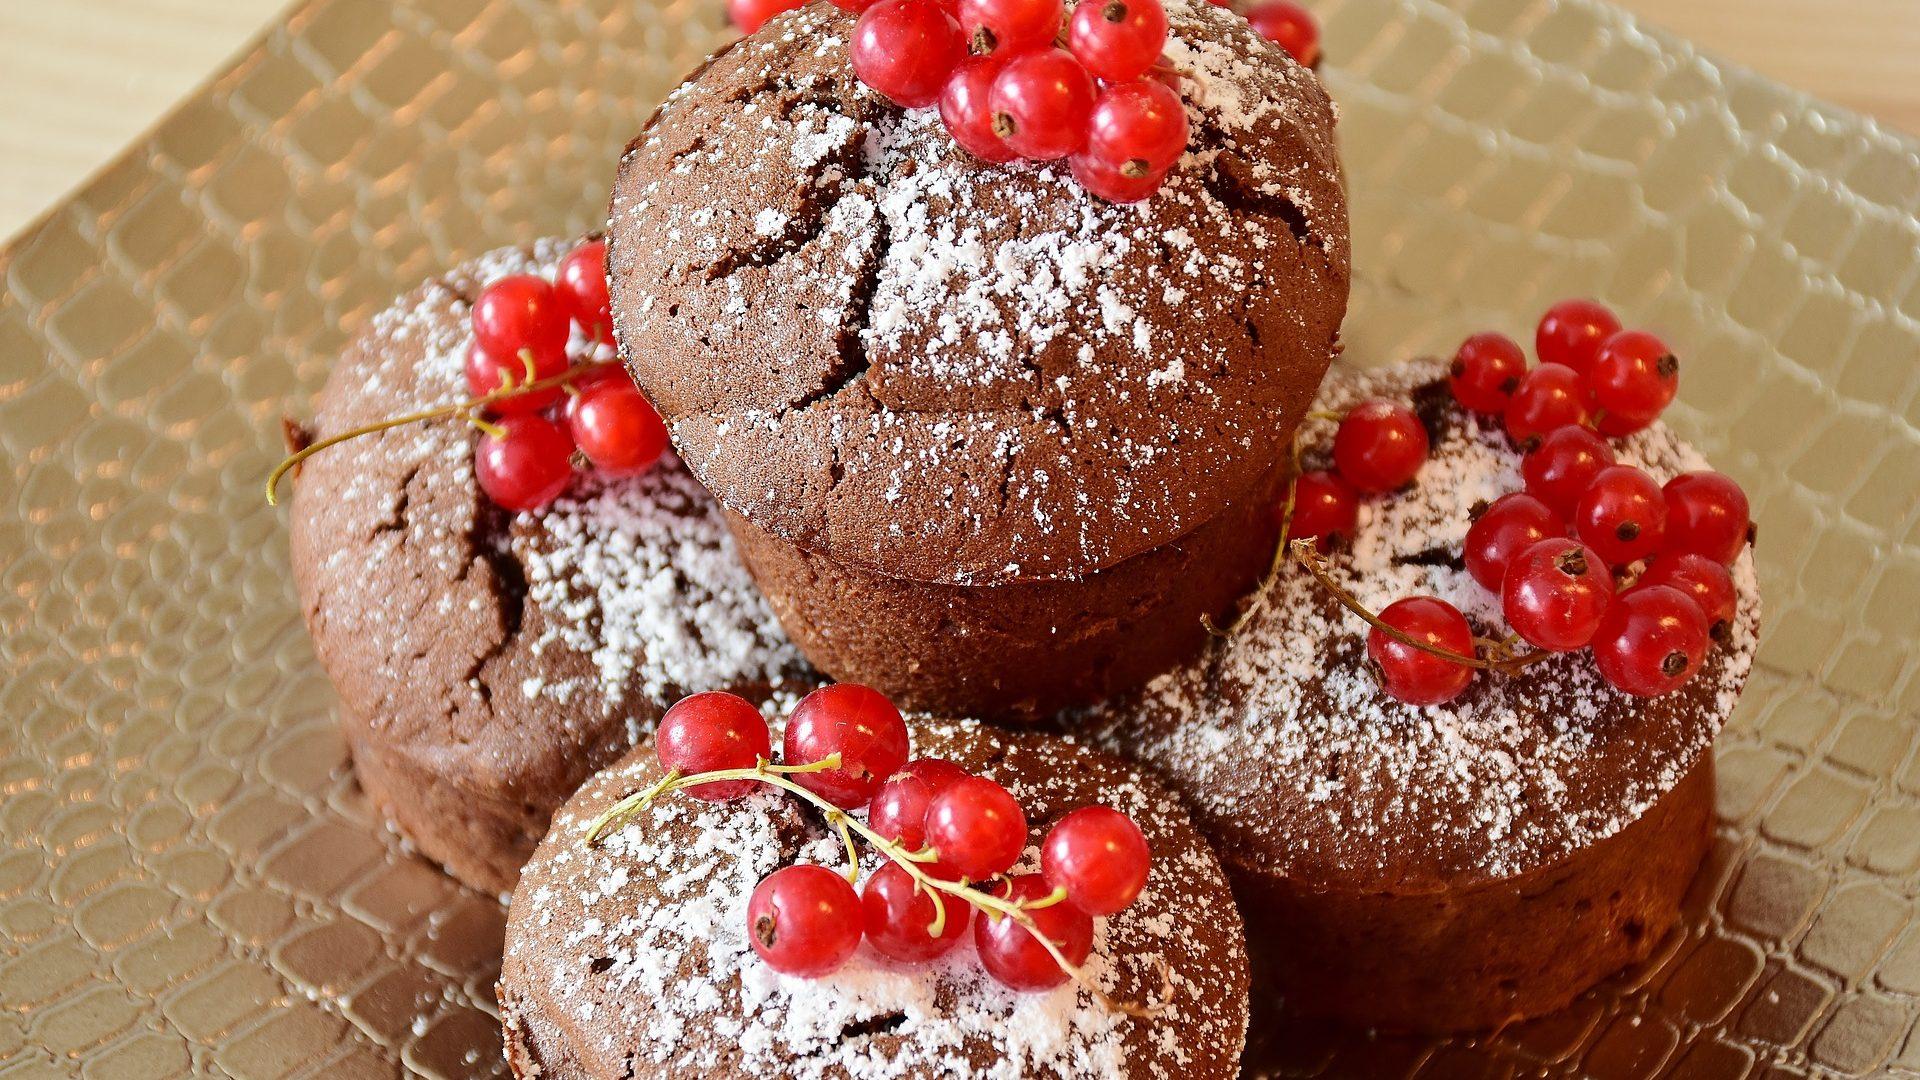 redcurrant-muffin-2513643_1920